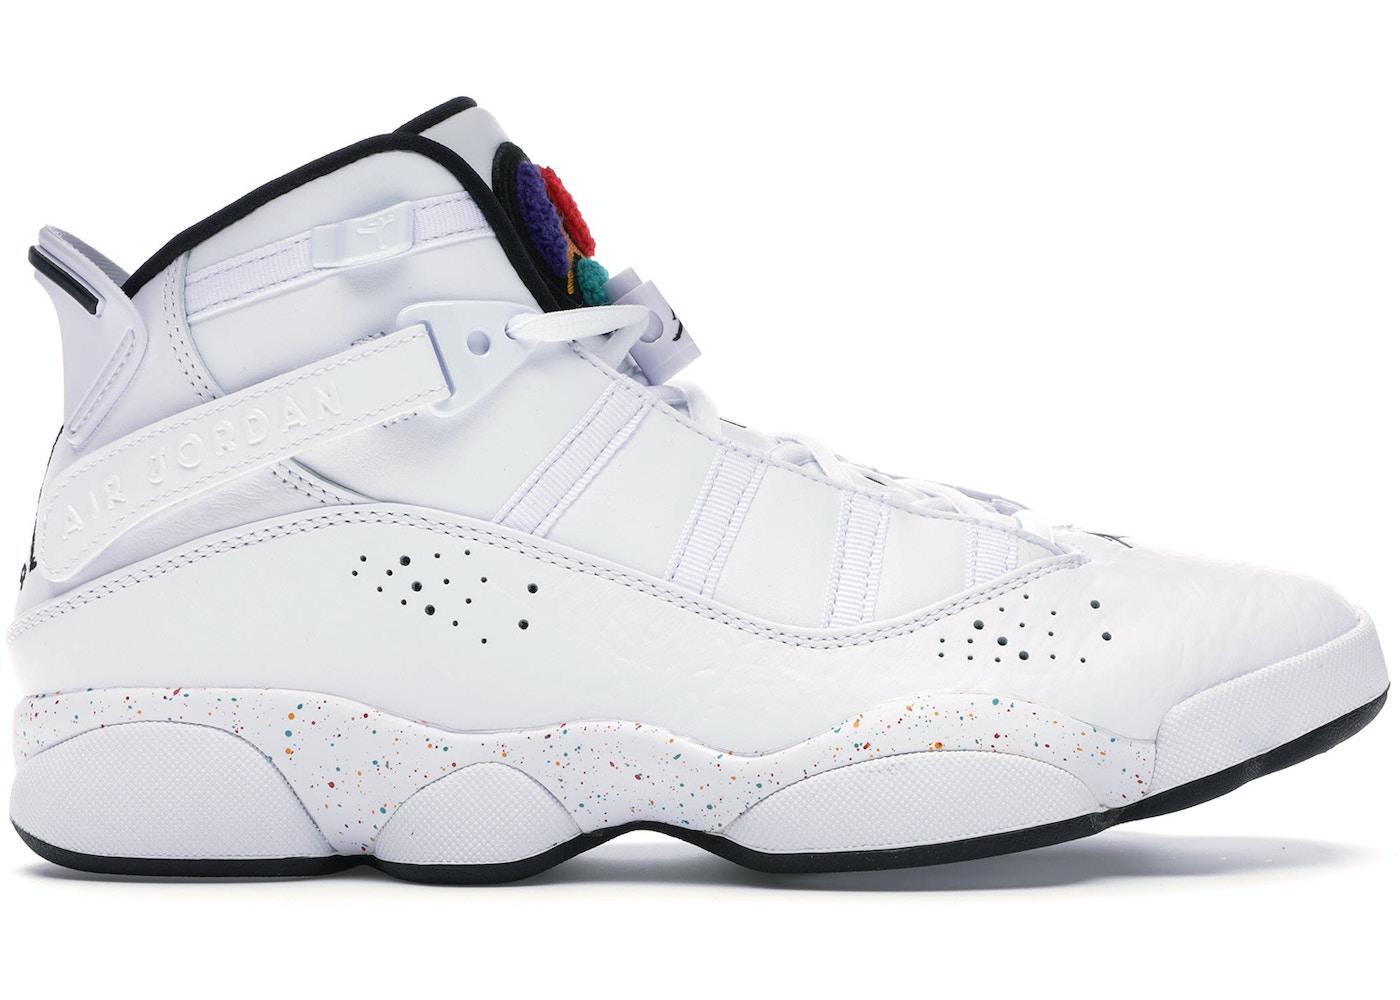 new arrival 8c430 53d54 Jordan 6 Rings Confetti